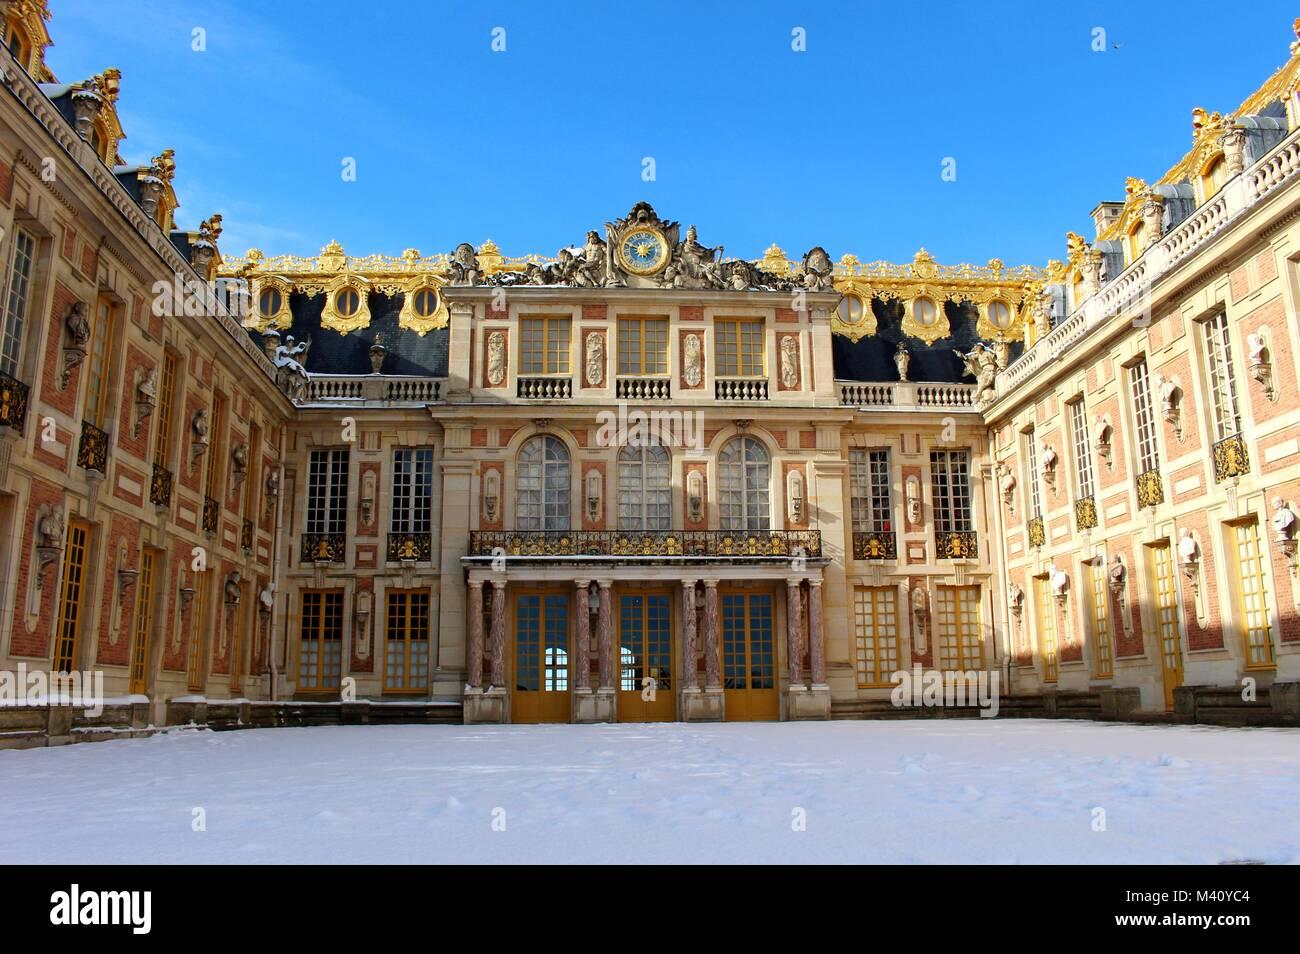 Février 2018 a vu la chute de neige la plus importante à Paris depuis 1987. Photo Stock